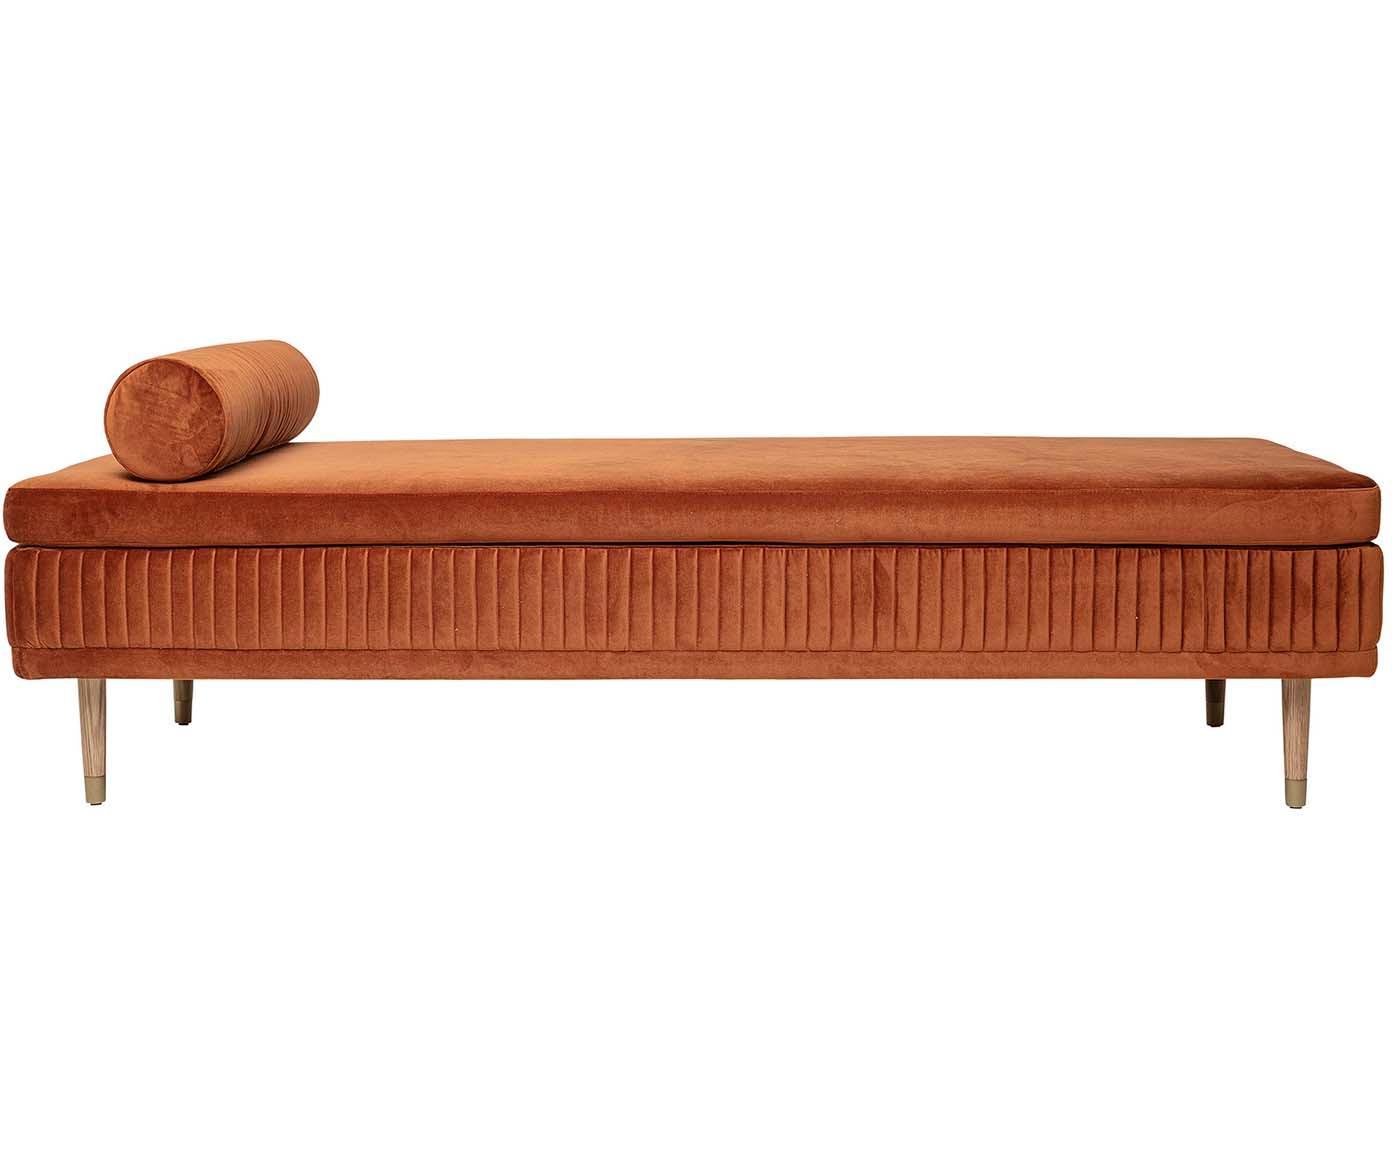 Łóżko dzienne z aksamitu Hailey, Tapicerka: aksamit poliestrowy, Nogi: drewno dębowe, metal, Aksamitny rdzawy brązowy, S 190 x G 80 cm